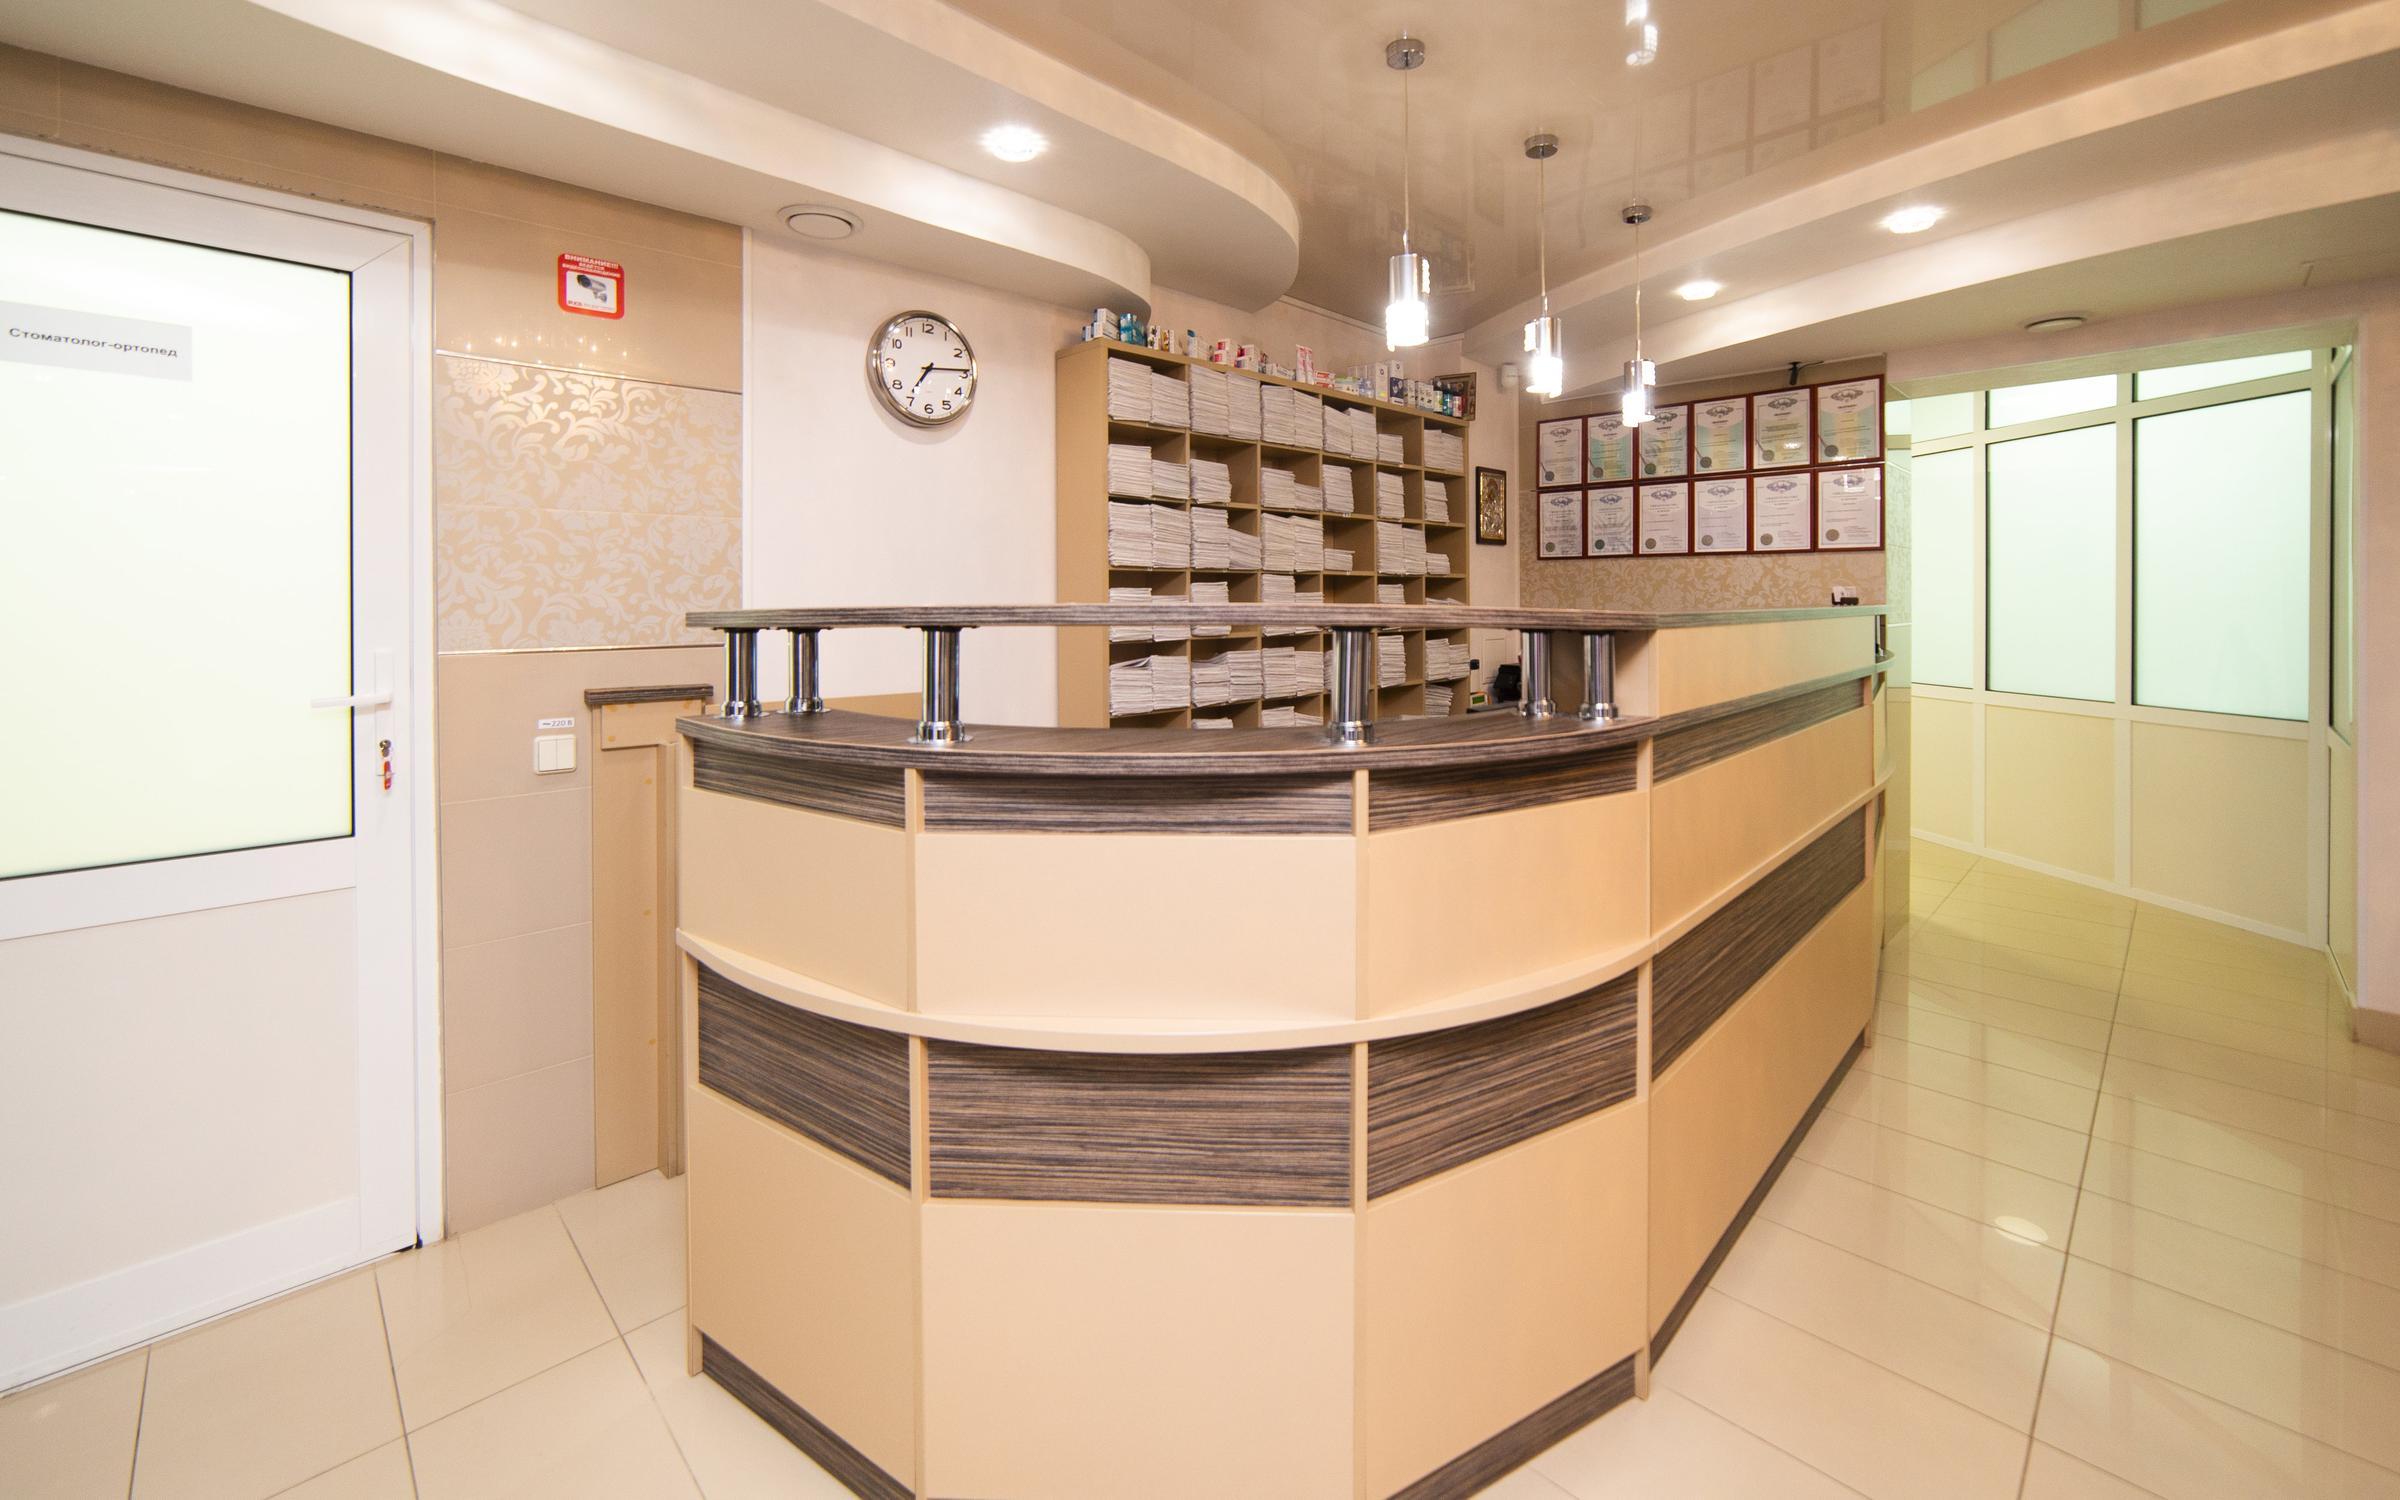 фотография Медицинского Центра Астра-мед на улице Пермякова